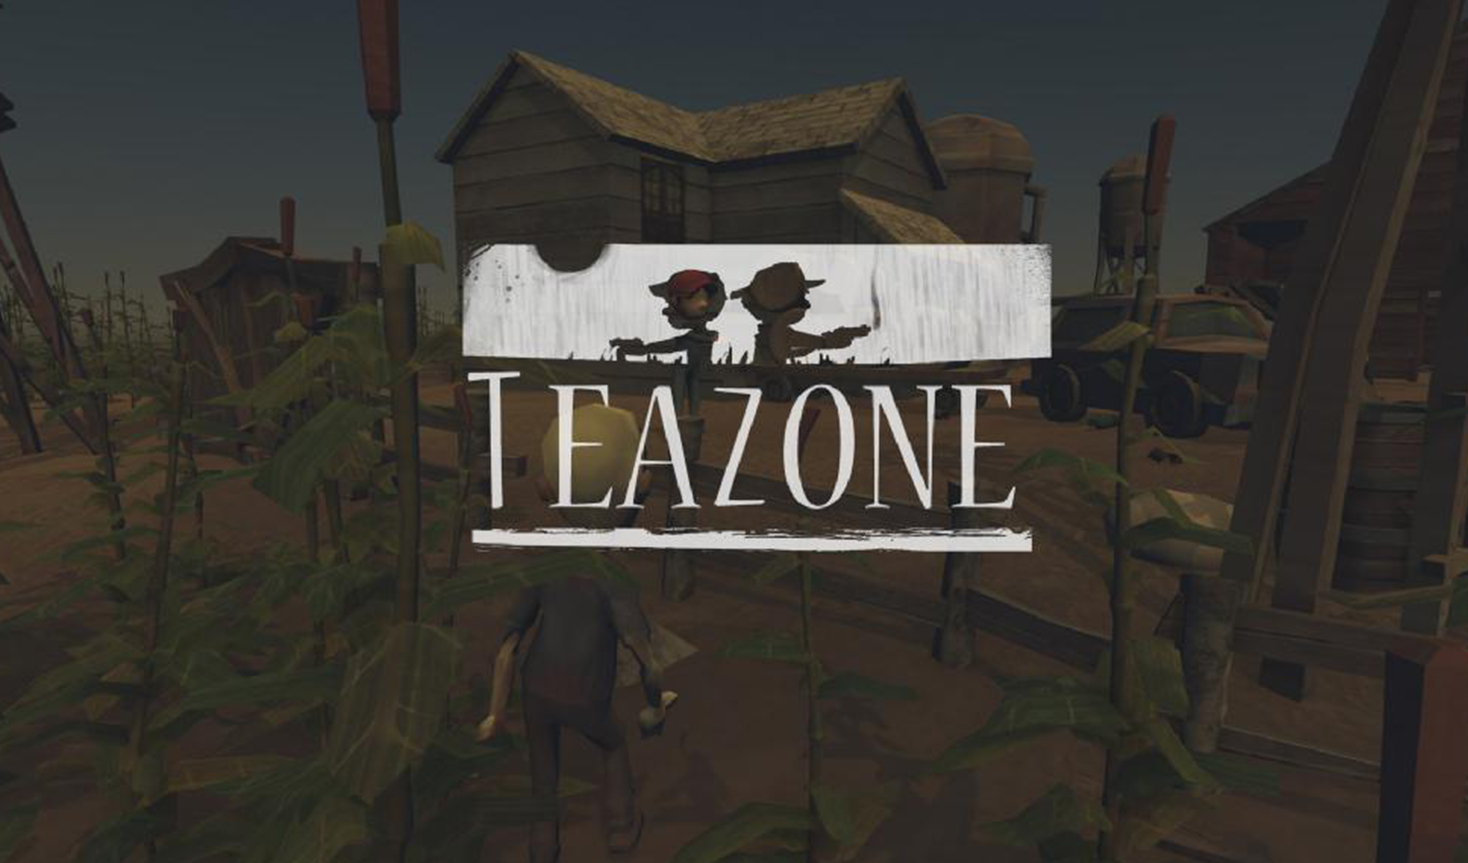 Teazone